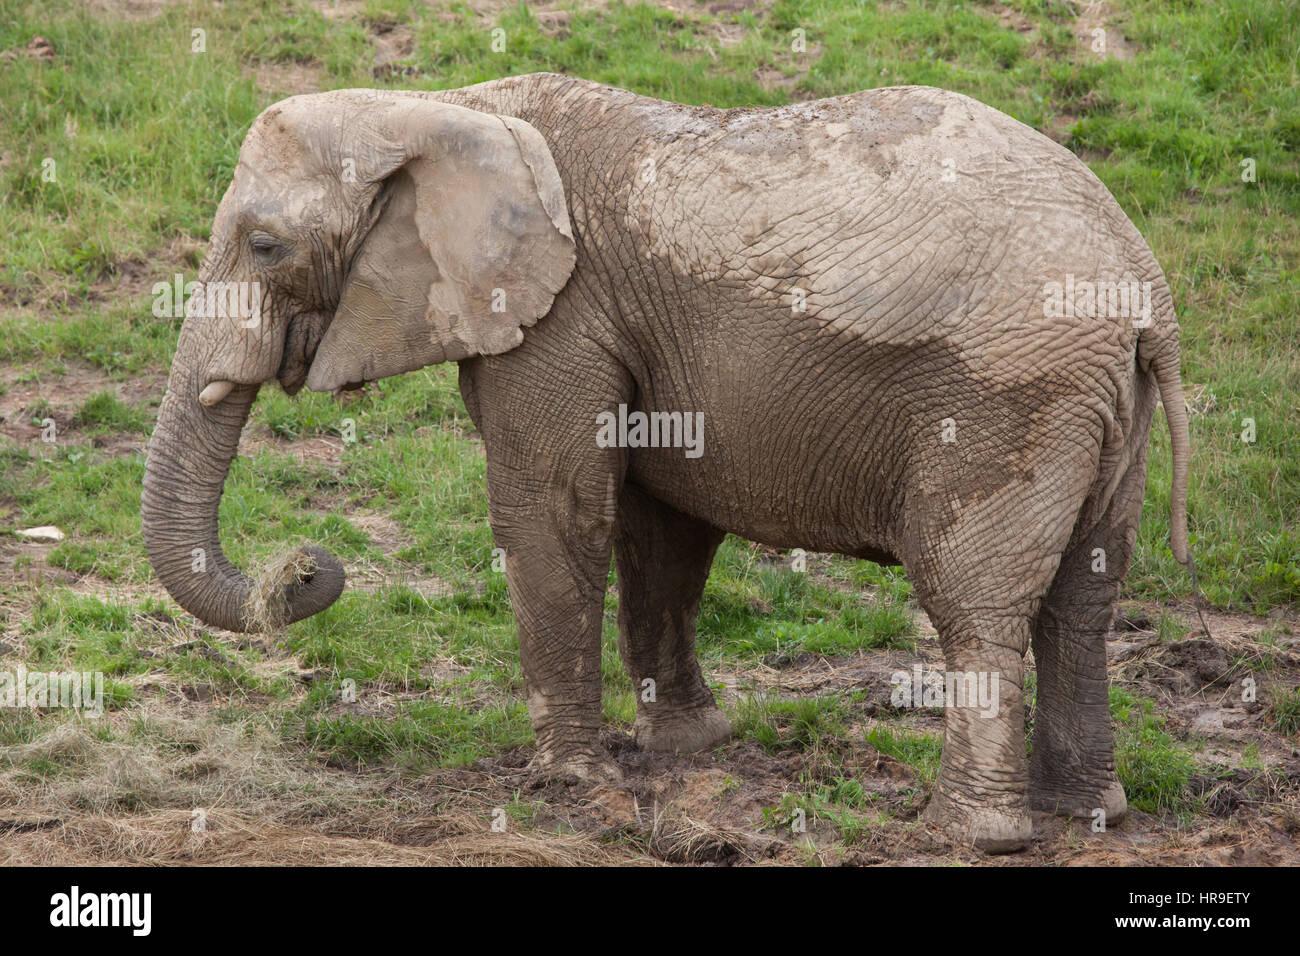 African bush elephant (Loxodonta africana). - Stock Image